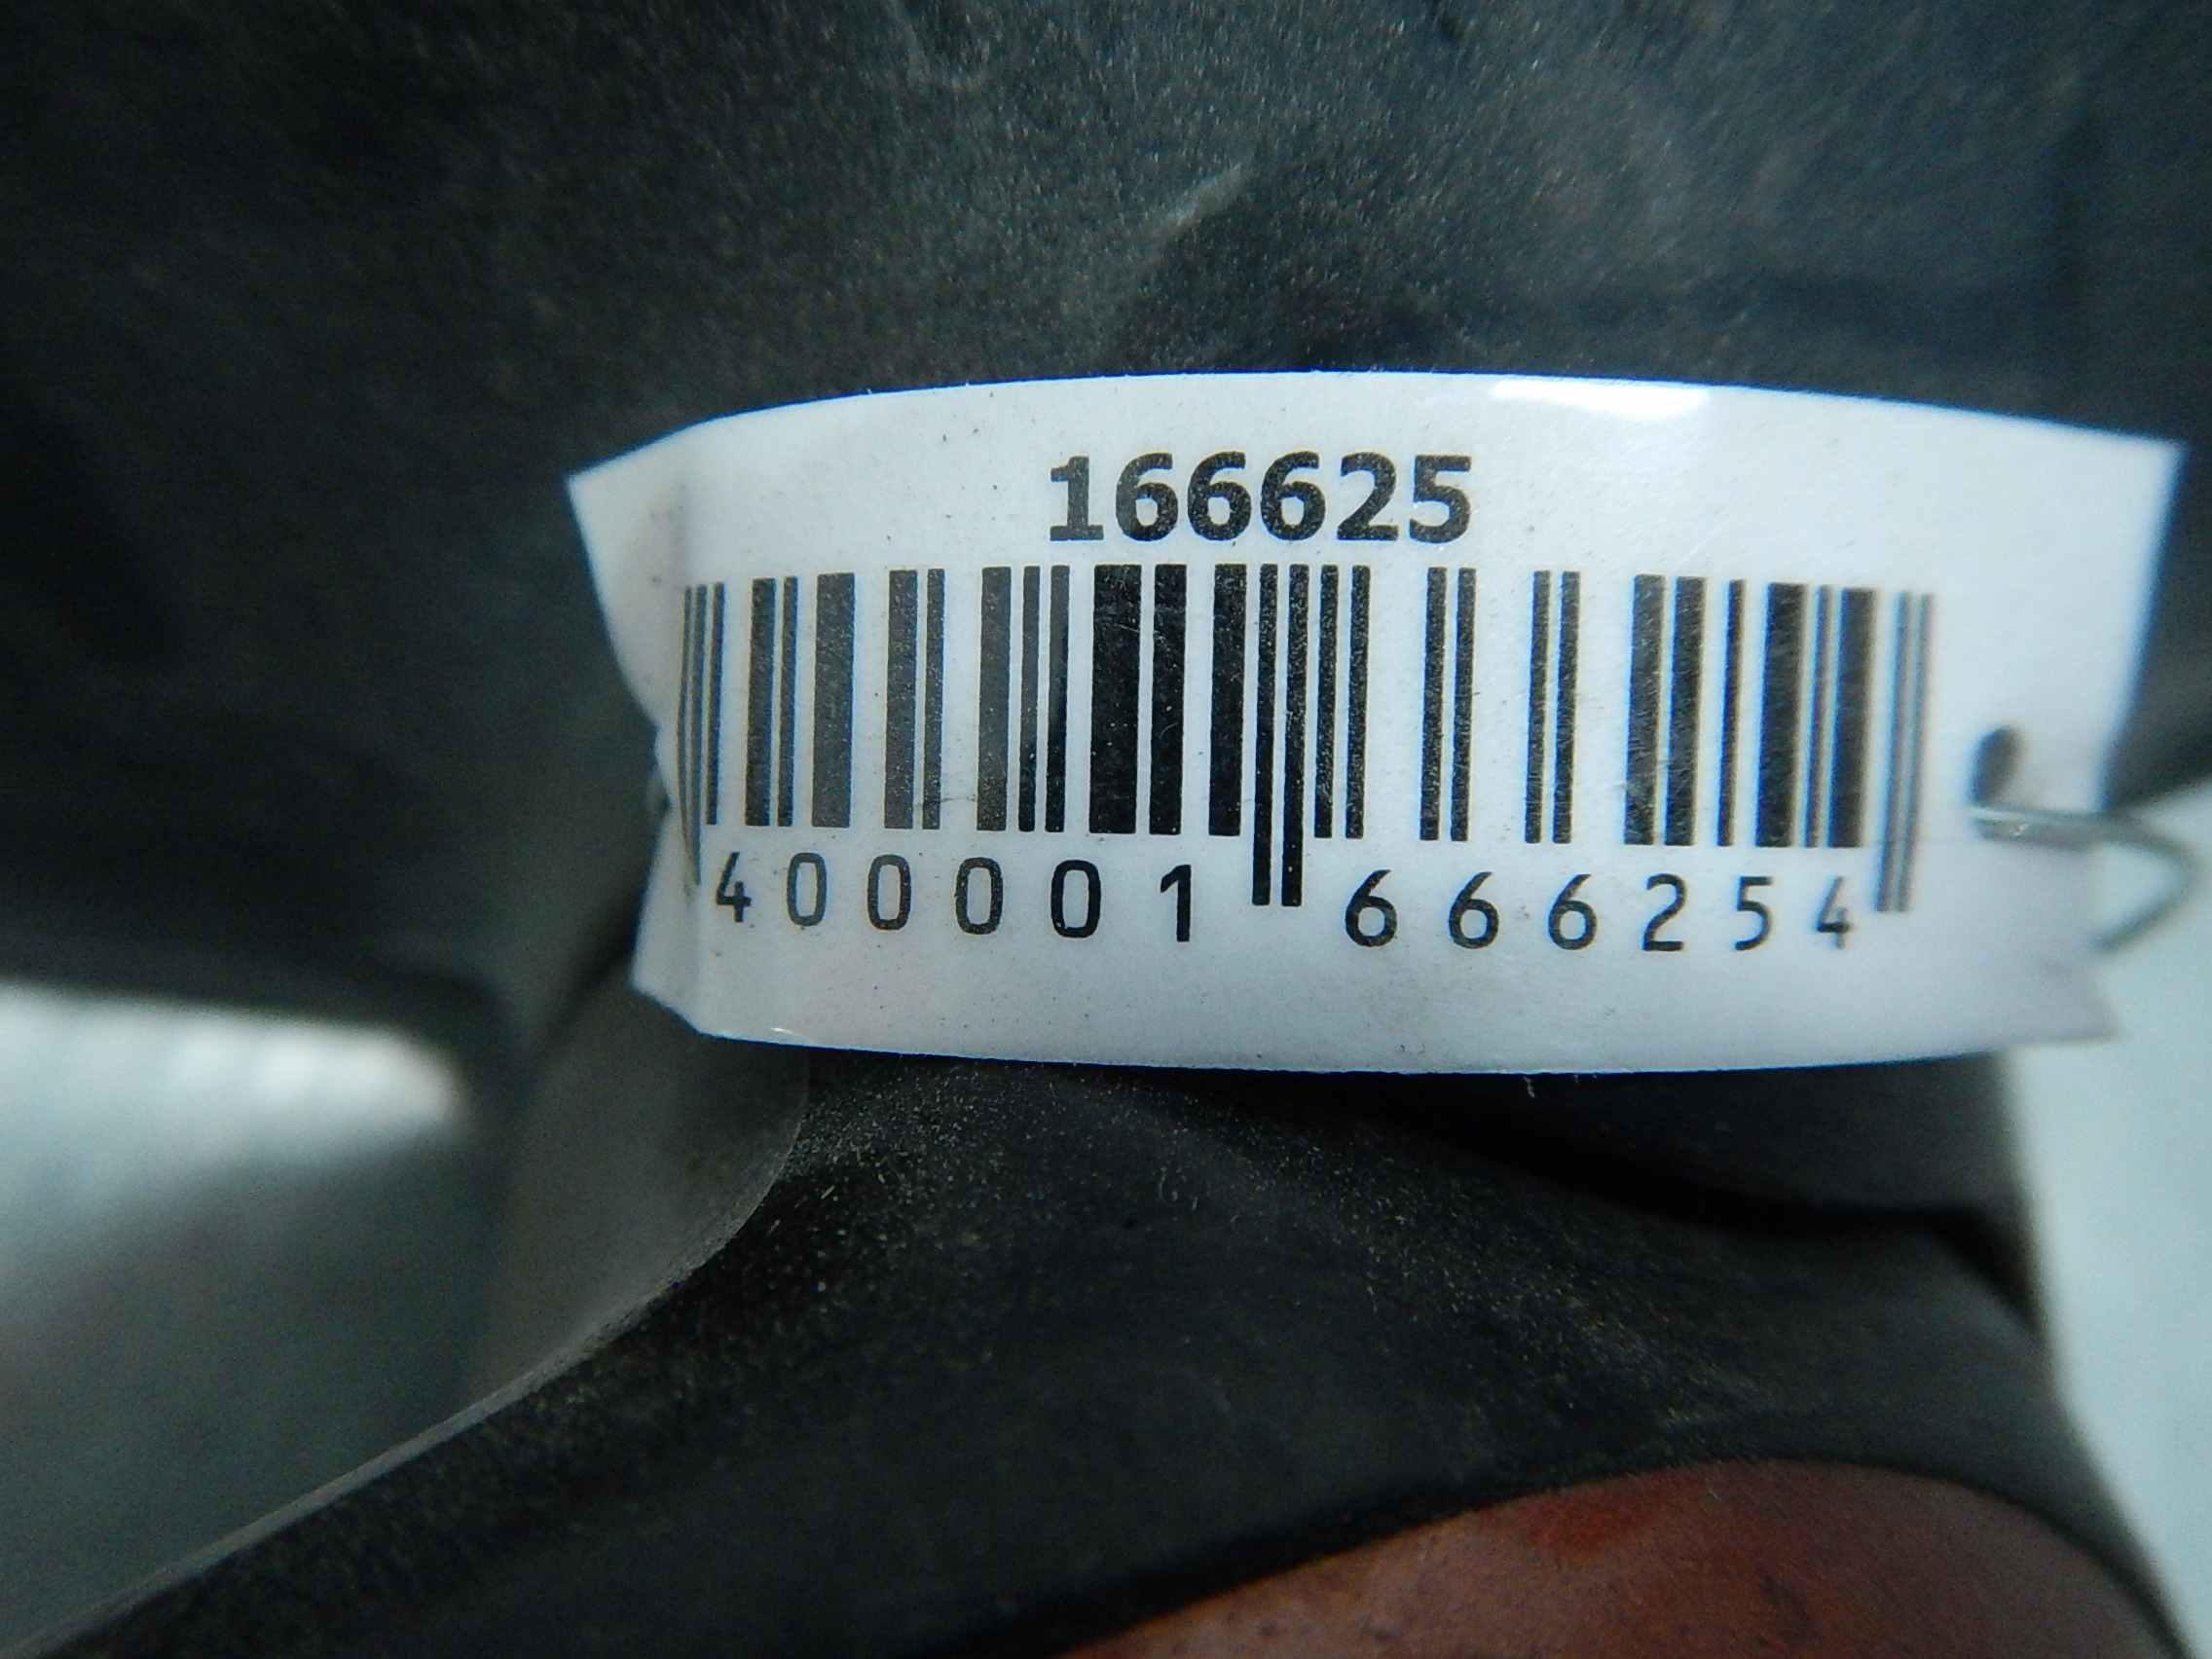 Зеркало боковое правое Lexus GS 1 166625 preview-3